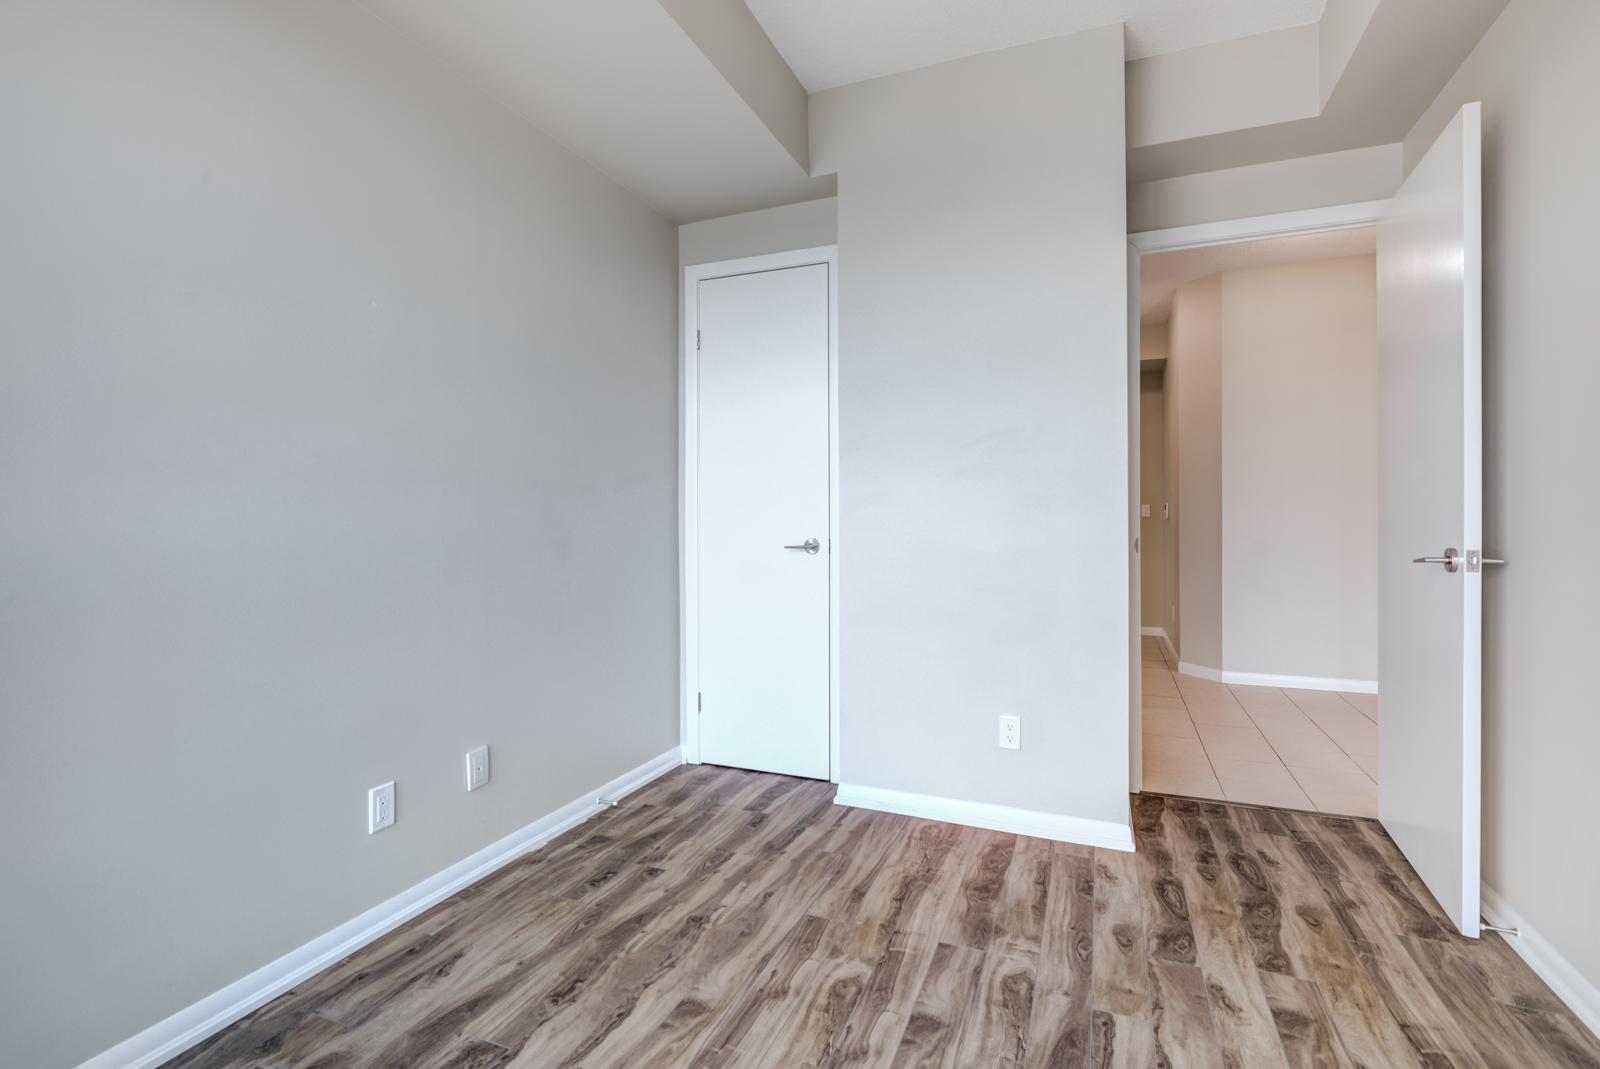 Empty bedroom with dark laminate floors, gray walls and white closet door.